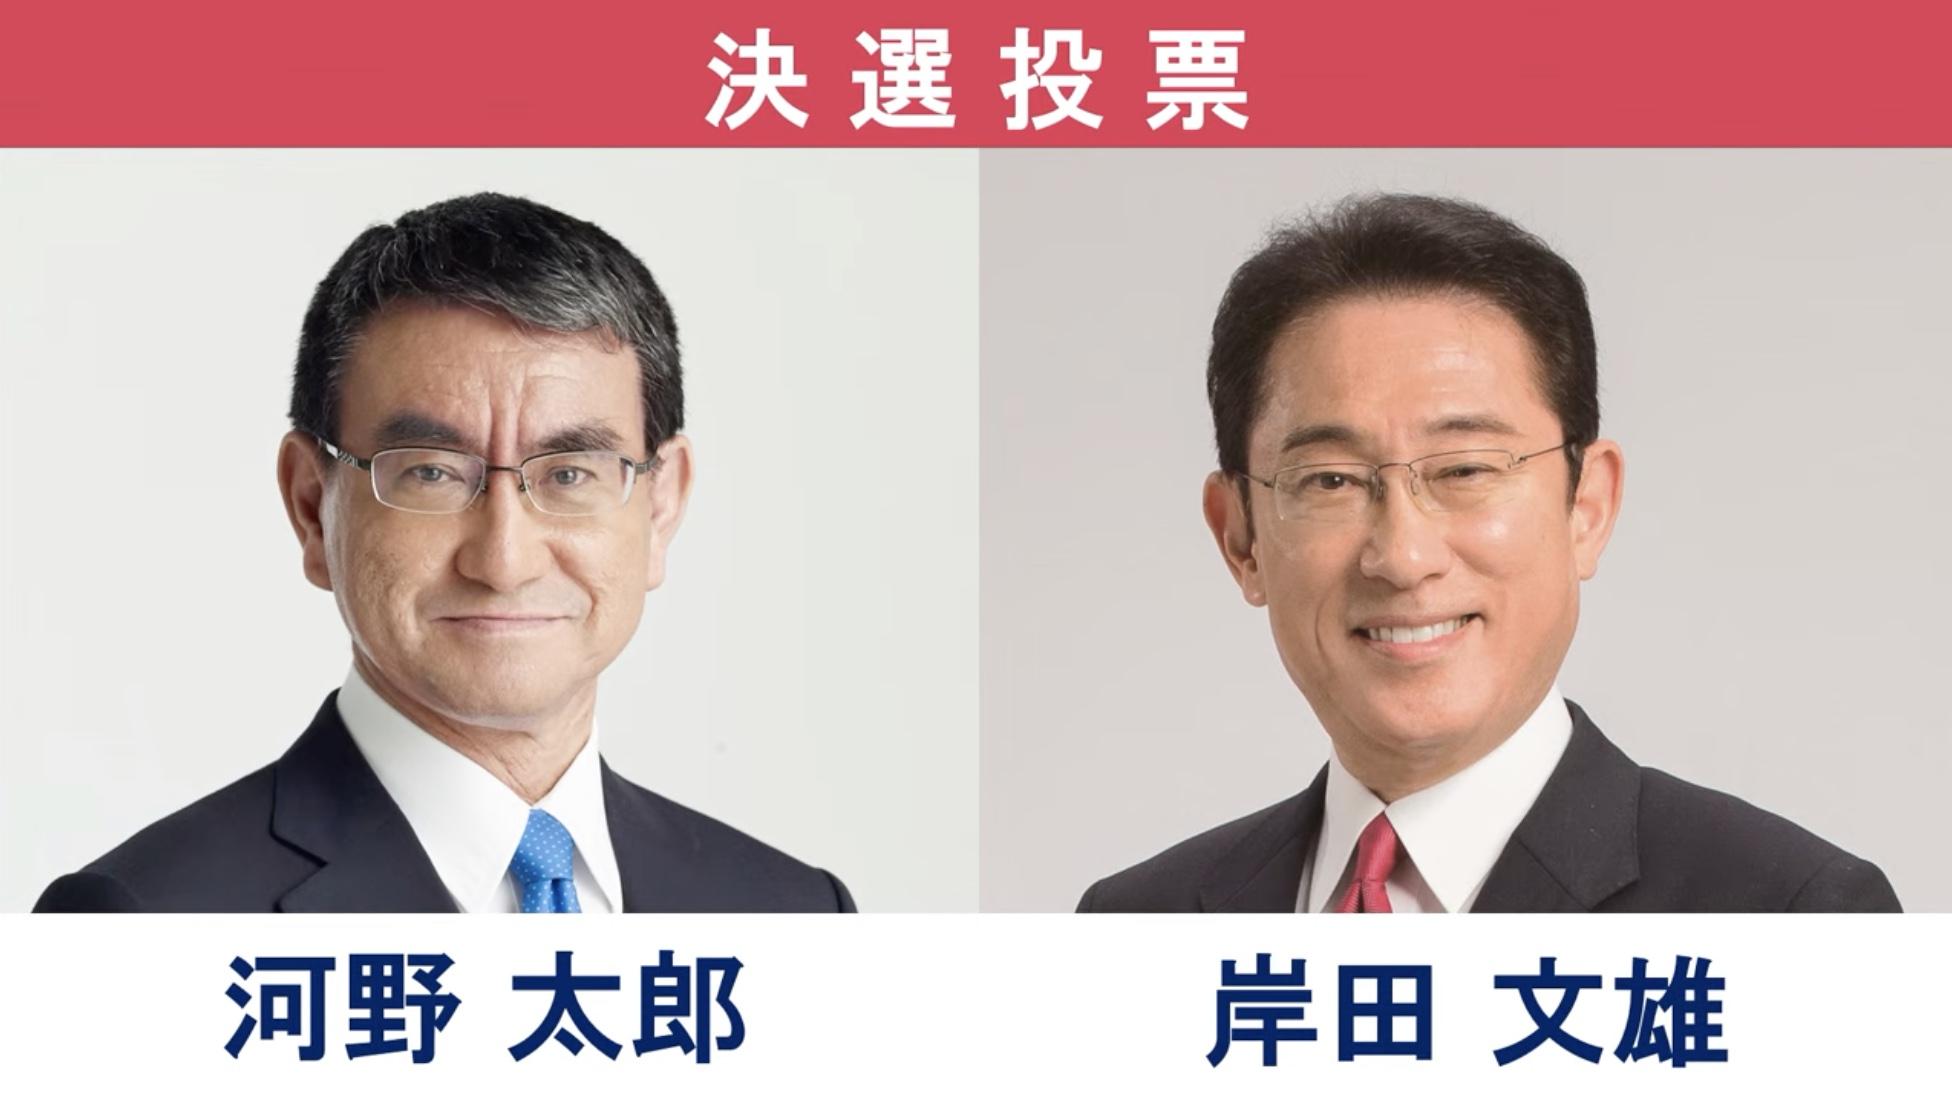 自民黨總裁選舉,由於四位參選人得票均未過半,由得票最高的兩人—岸田文雄與河野太郎—進入第二輪投票決選。